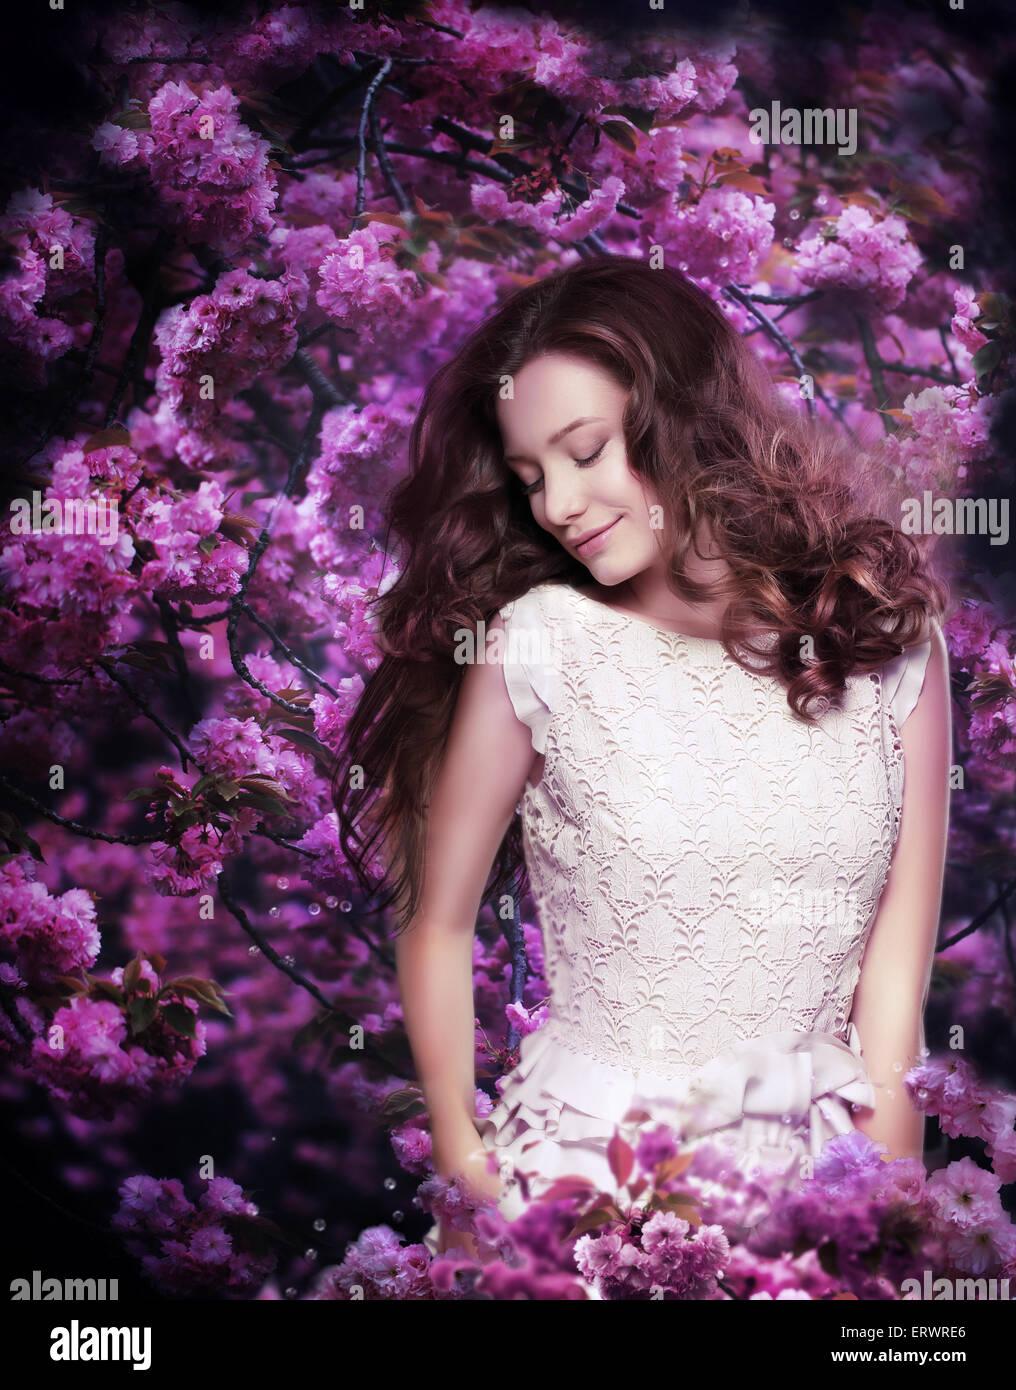 La belleza pura. Soñador joven entre los árboles en flor Imagen De Stock